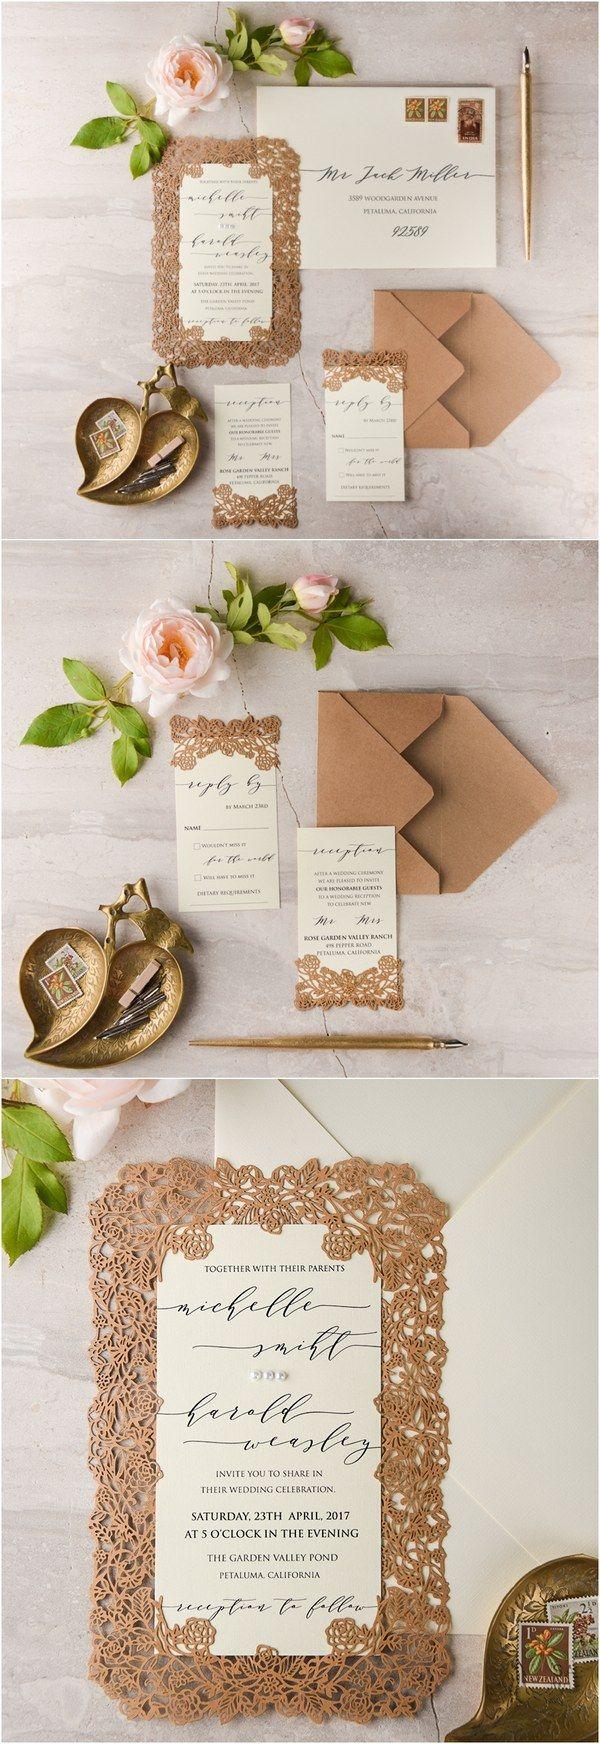 126 Best Invitations Images On Pinterest Weddings Invitation